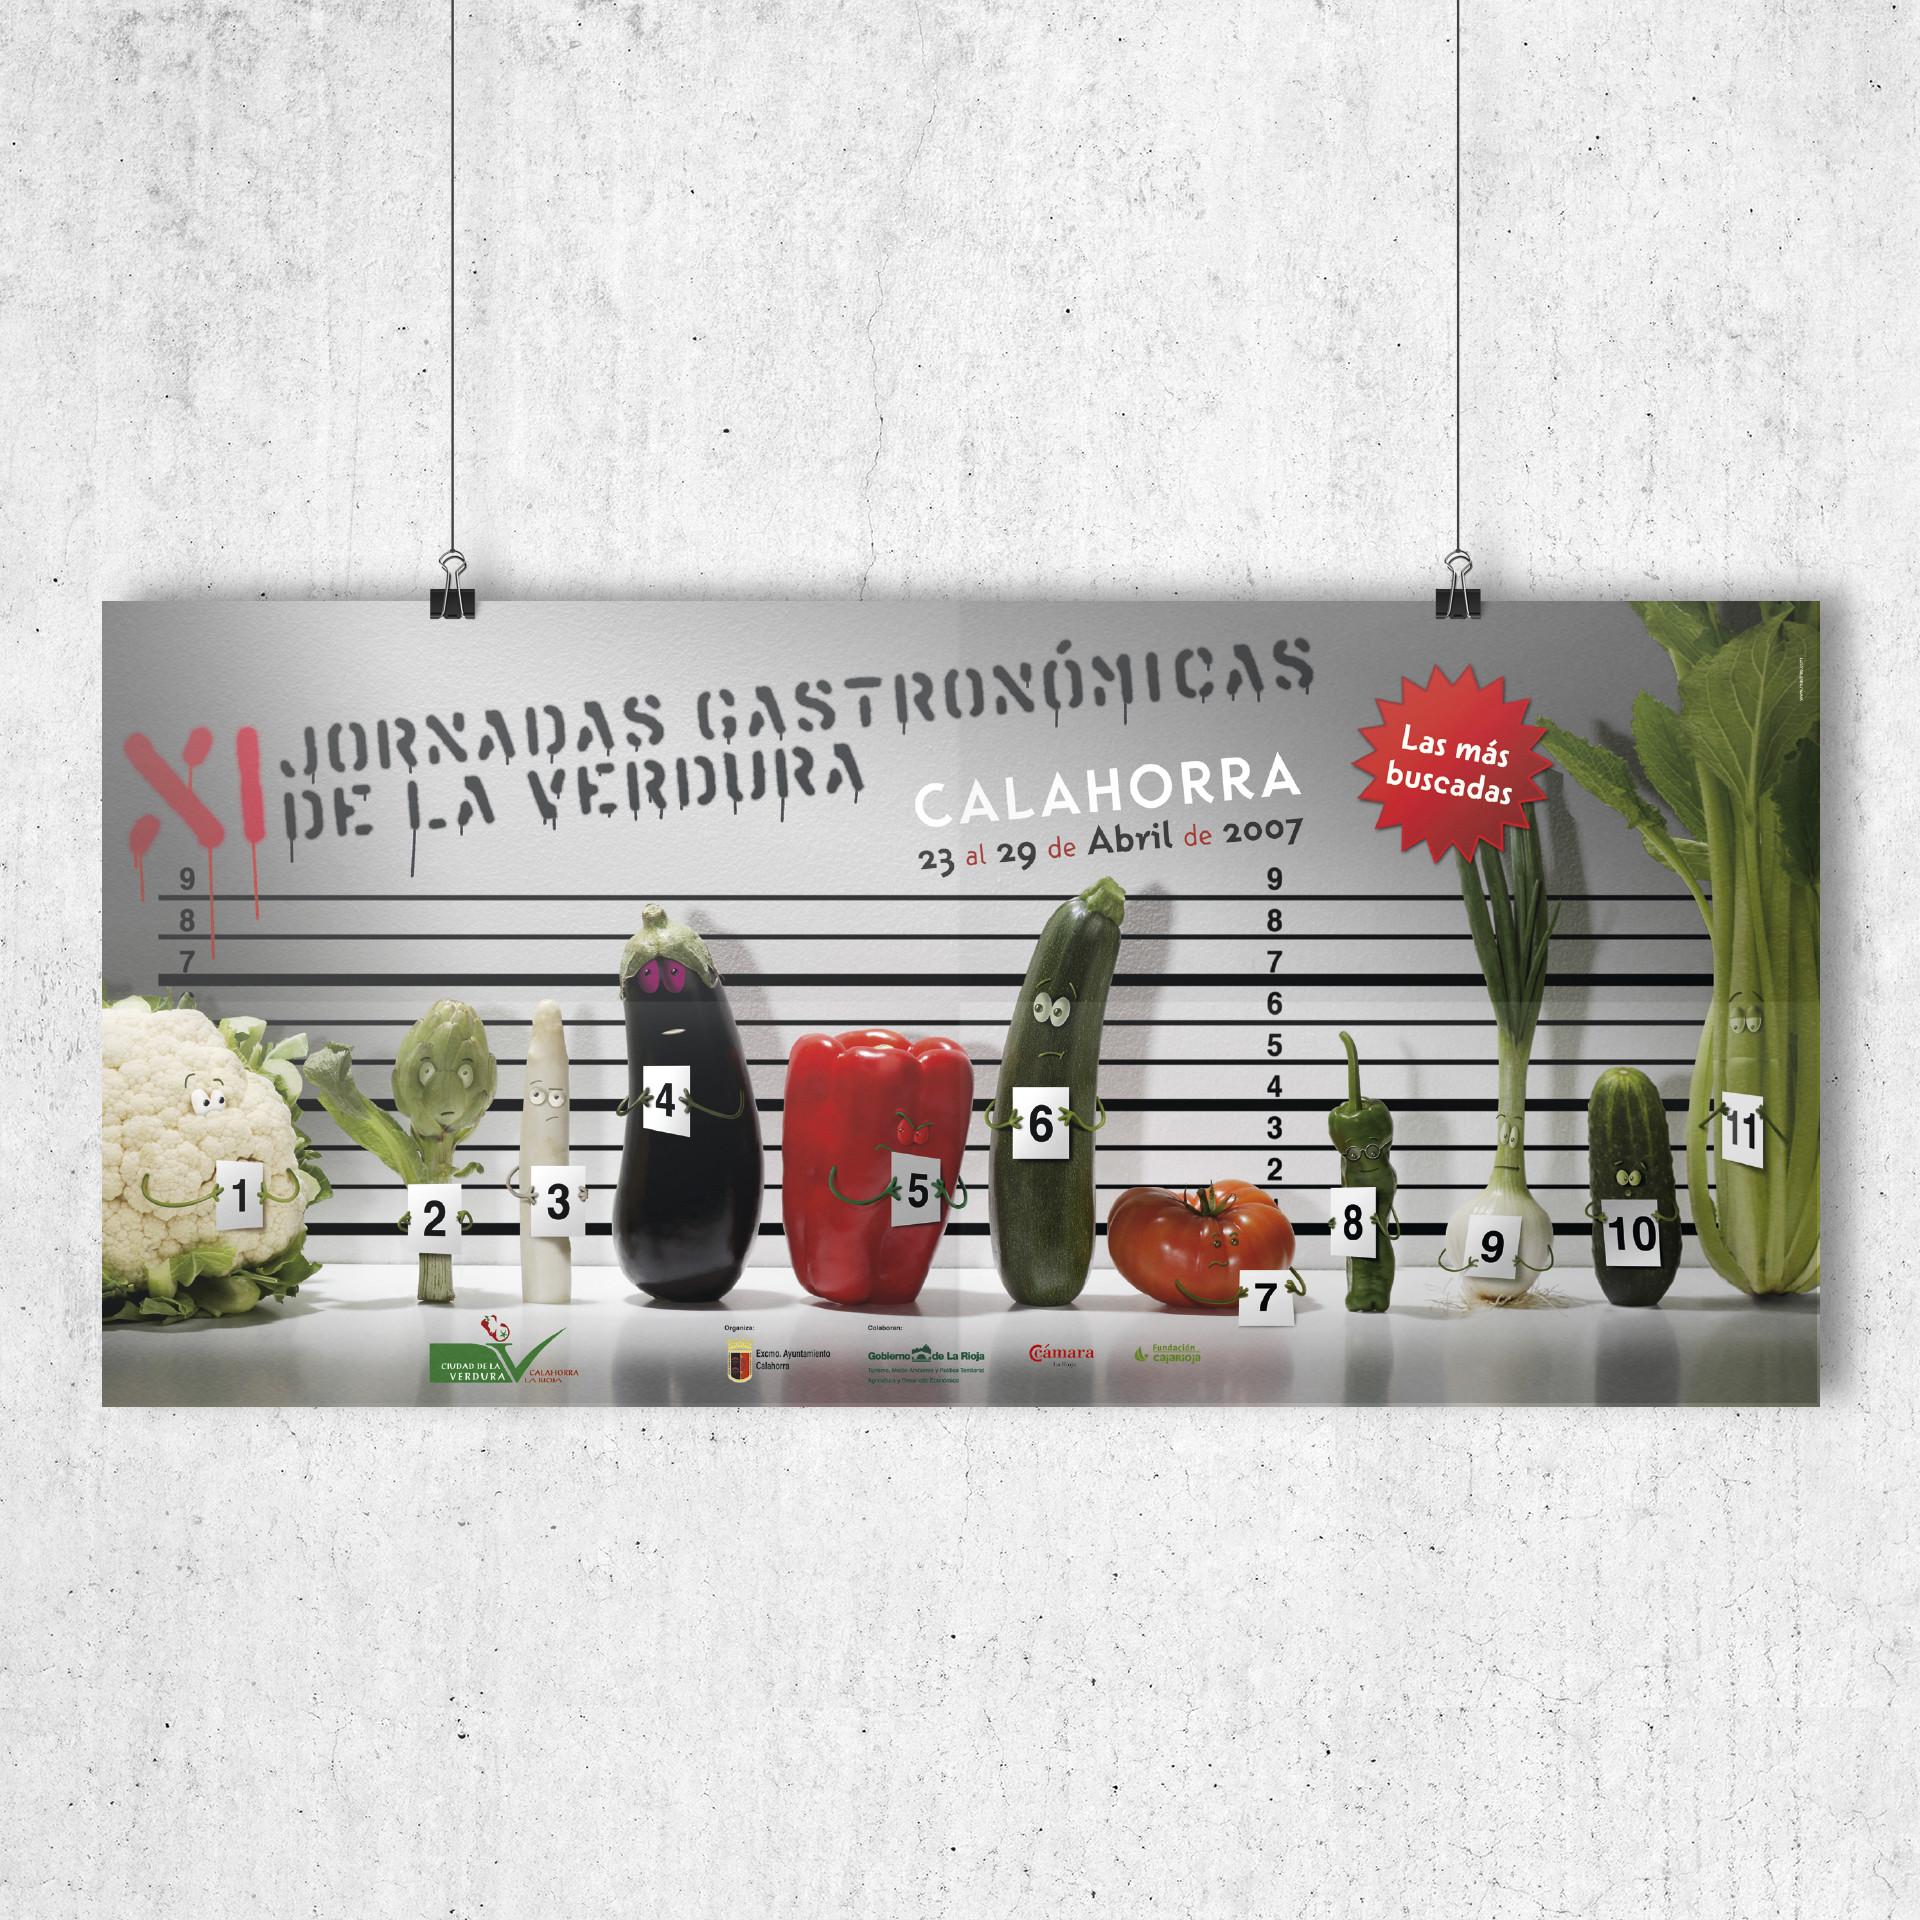 diseño cartel XI Jornadas verdura calahorra